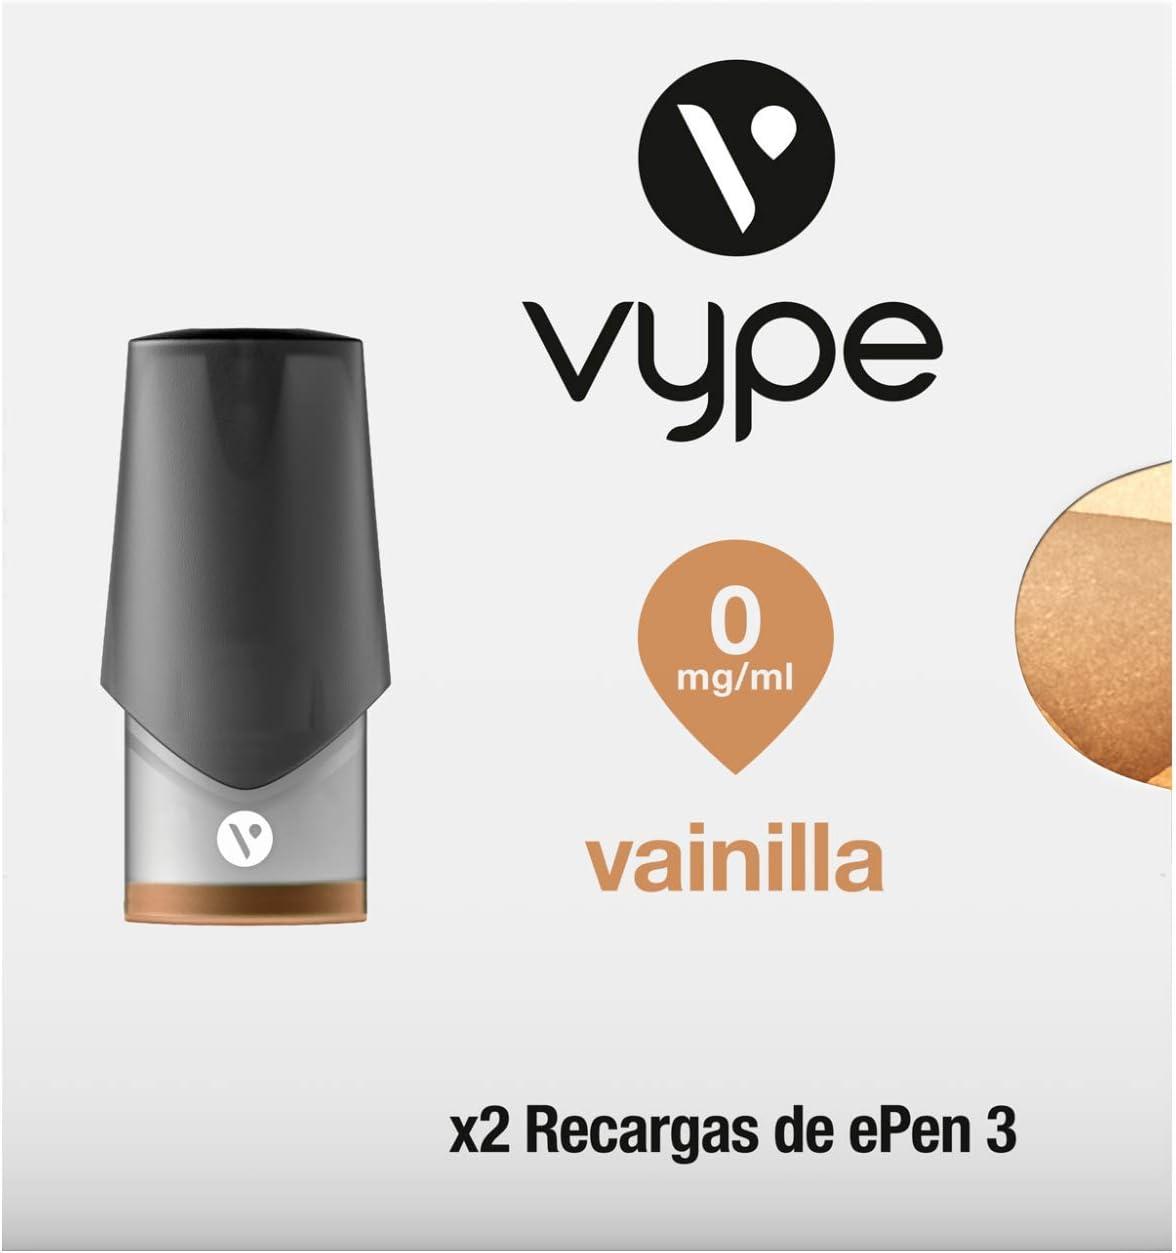 VYPE Recargas de Vainilla x2 para cigarrillo electrónico